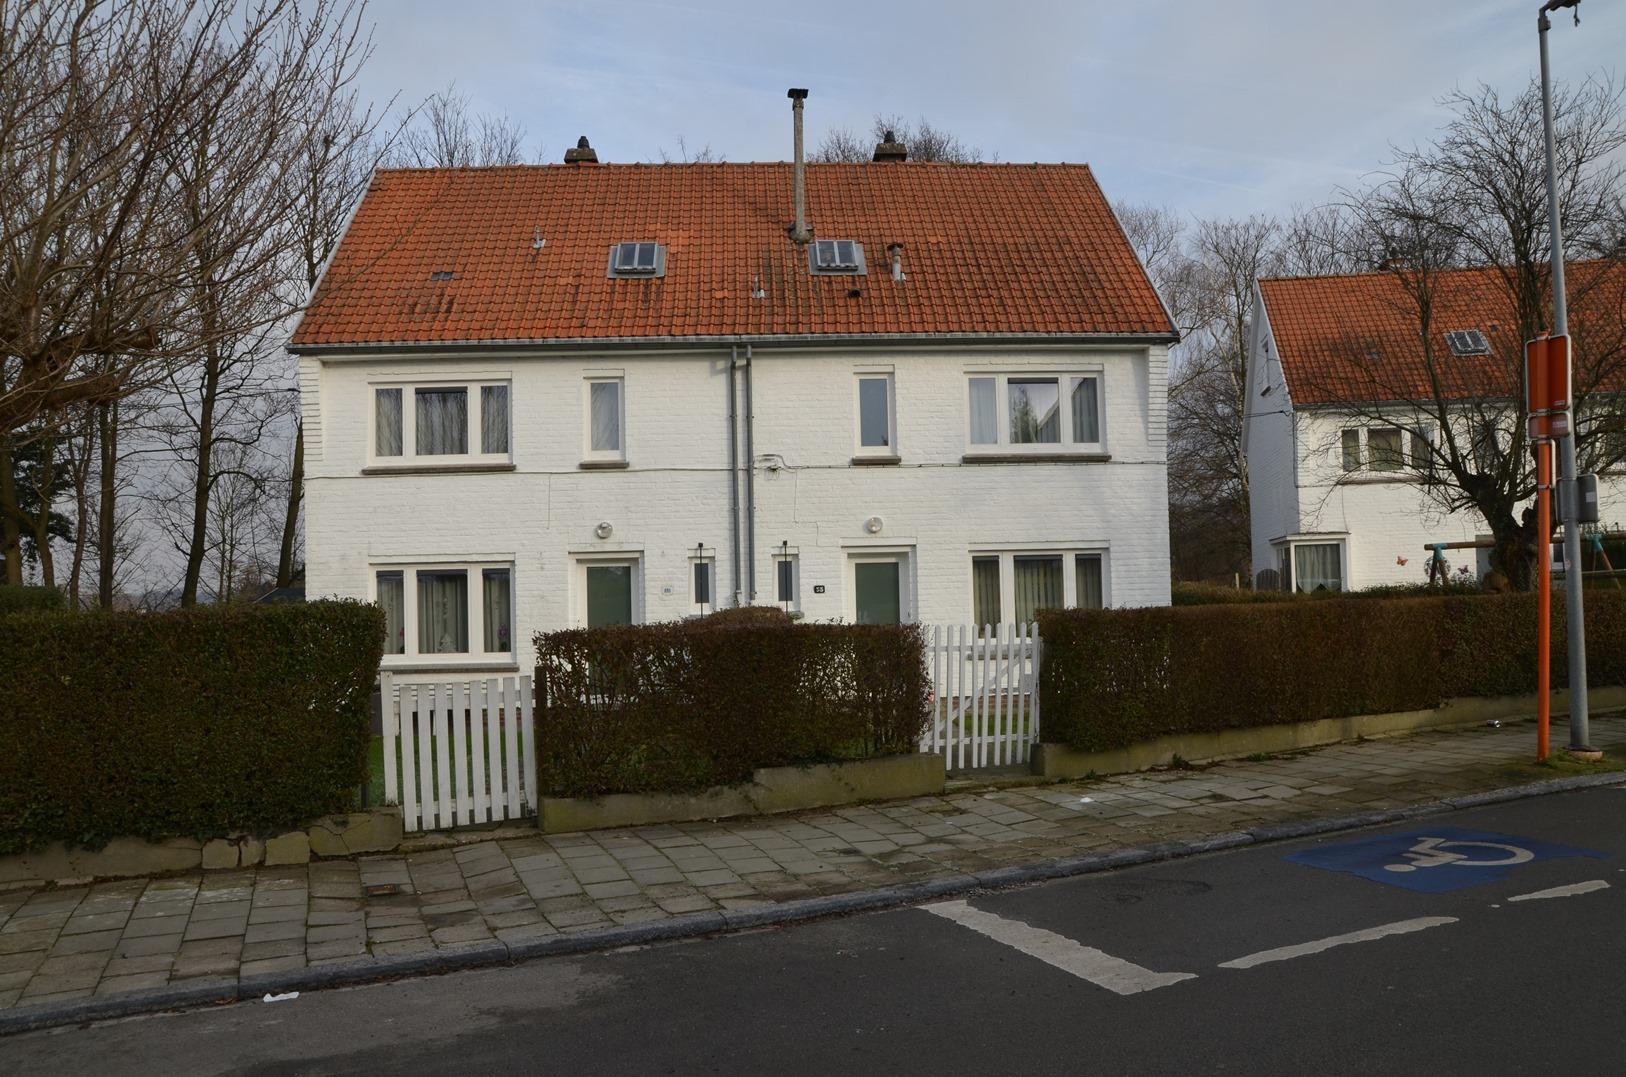 Jean Ballegeerstraat 53, 55